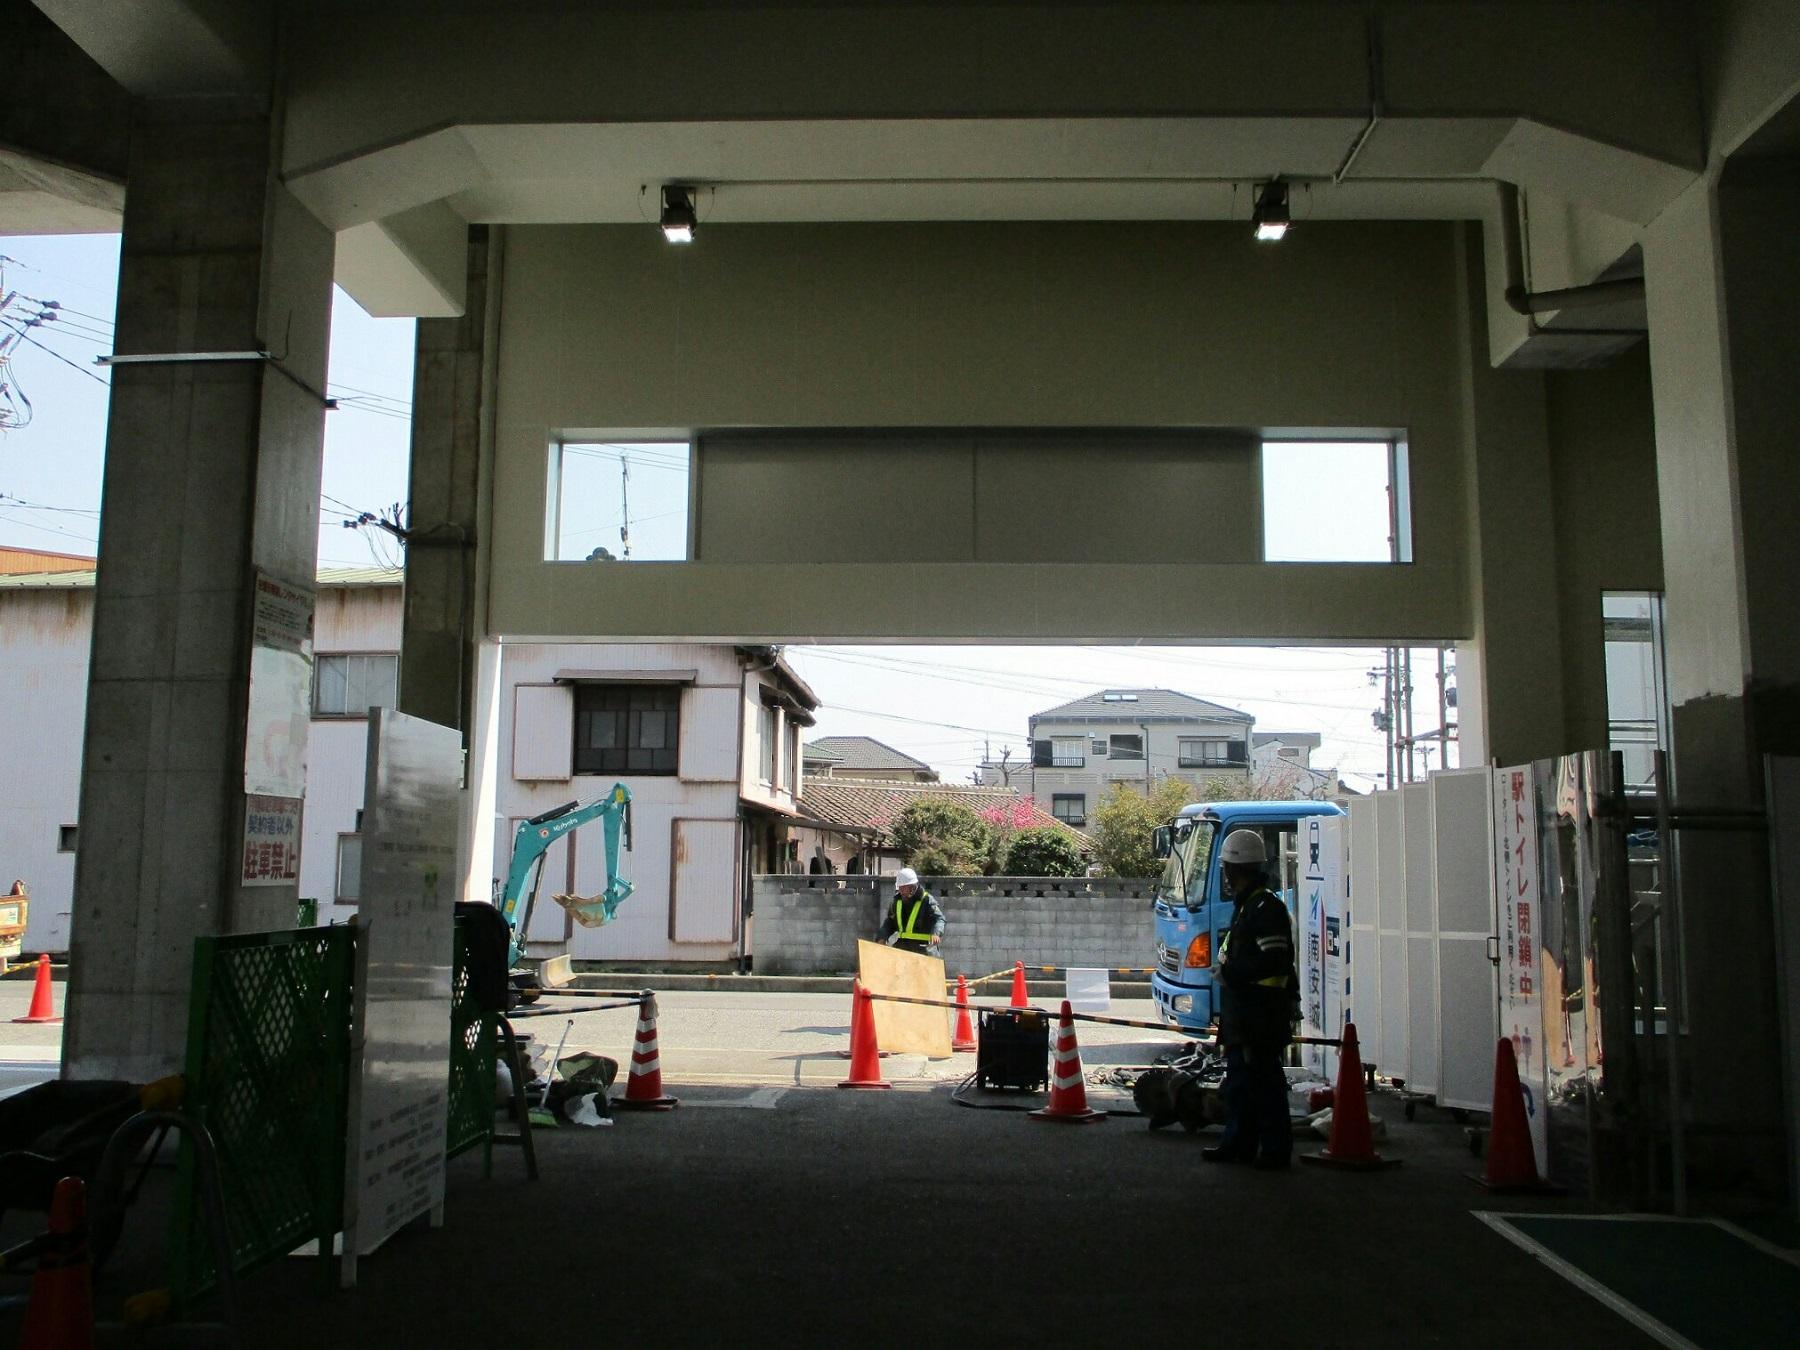 2019.3.15 (2) みなみあんじょう - エレベーター工事 1800-1350